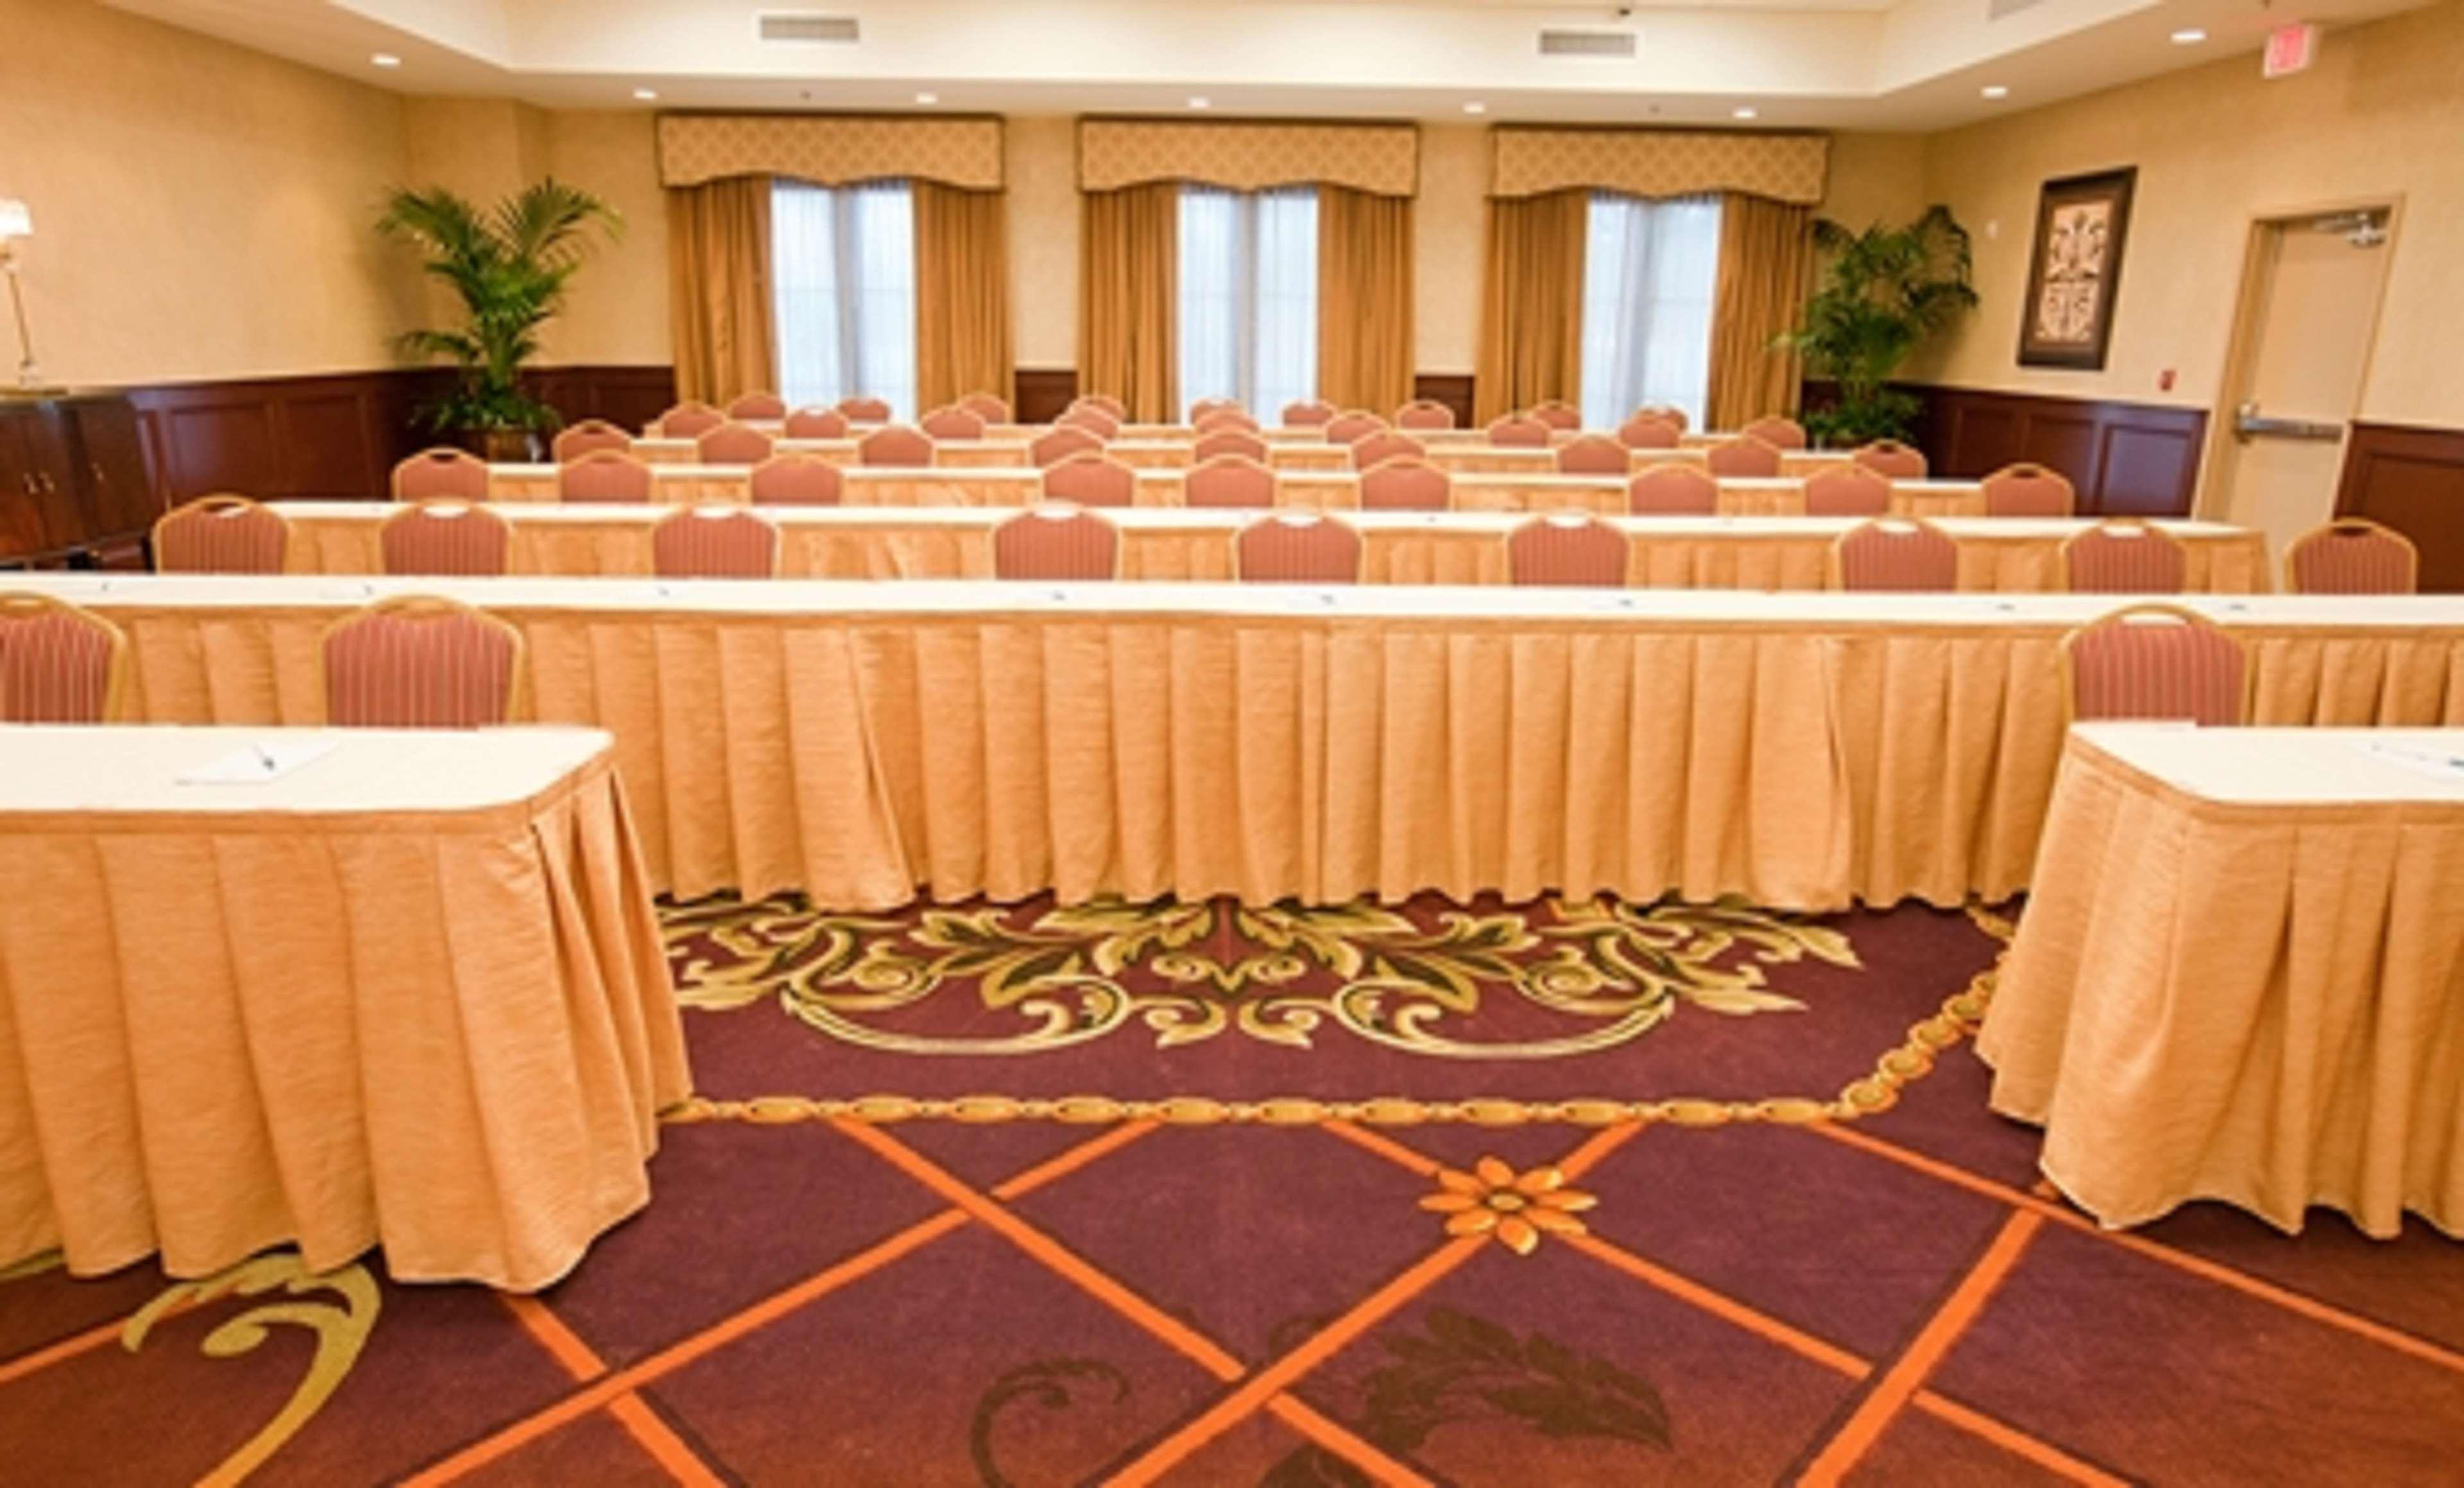 Homewood Suites by Hilton Lafayette-Airport, LA image 29